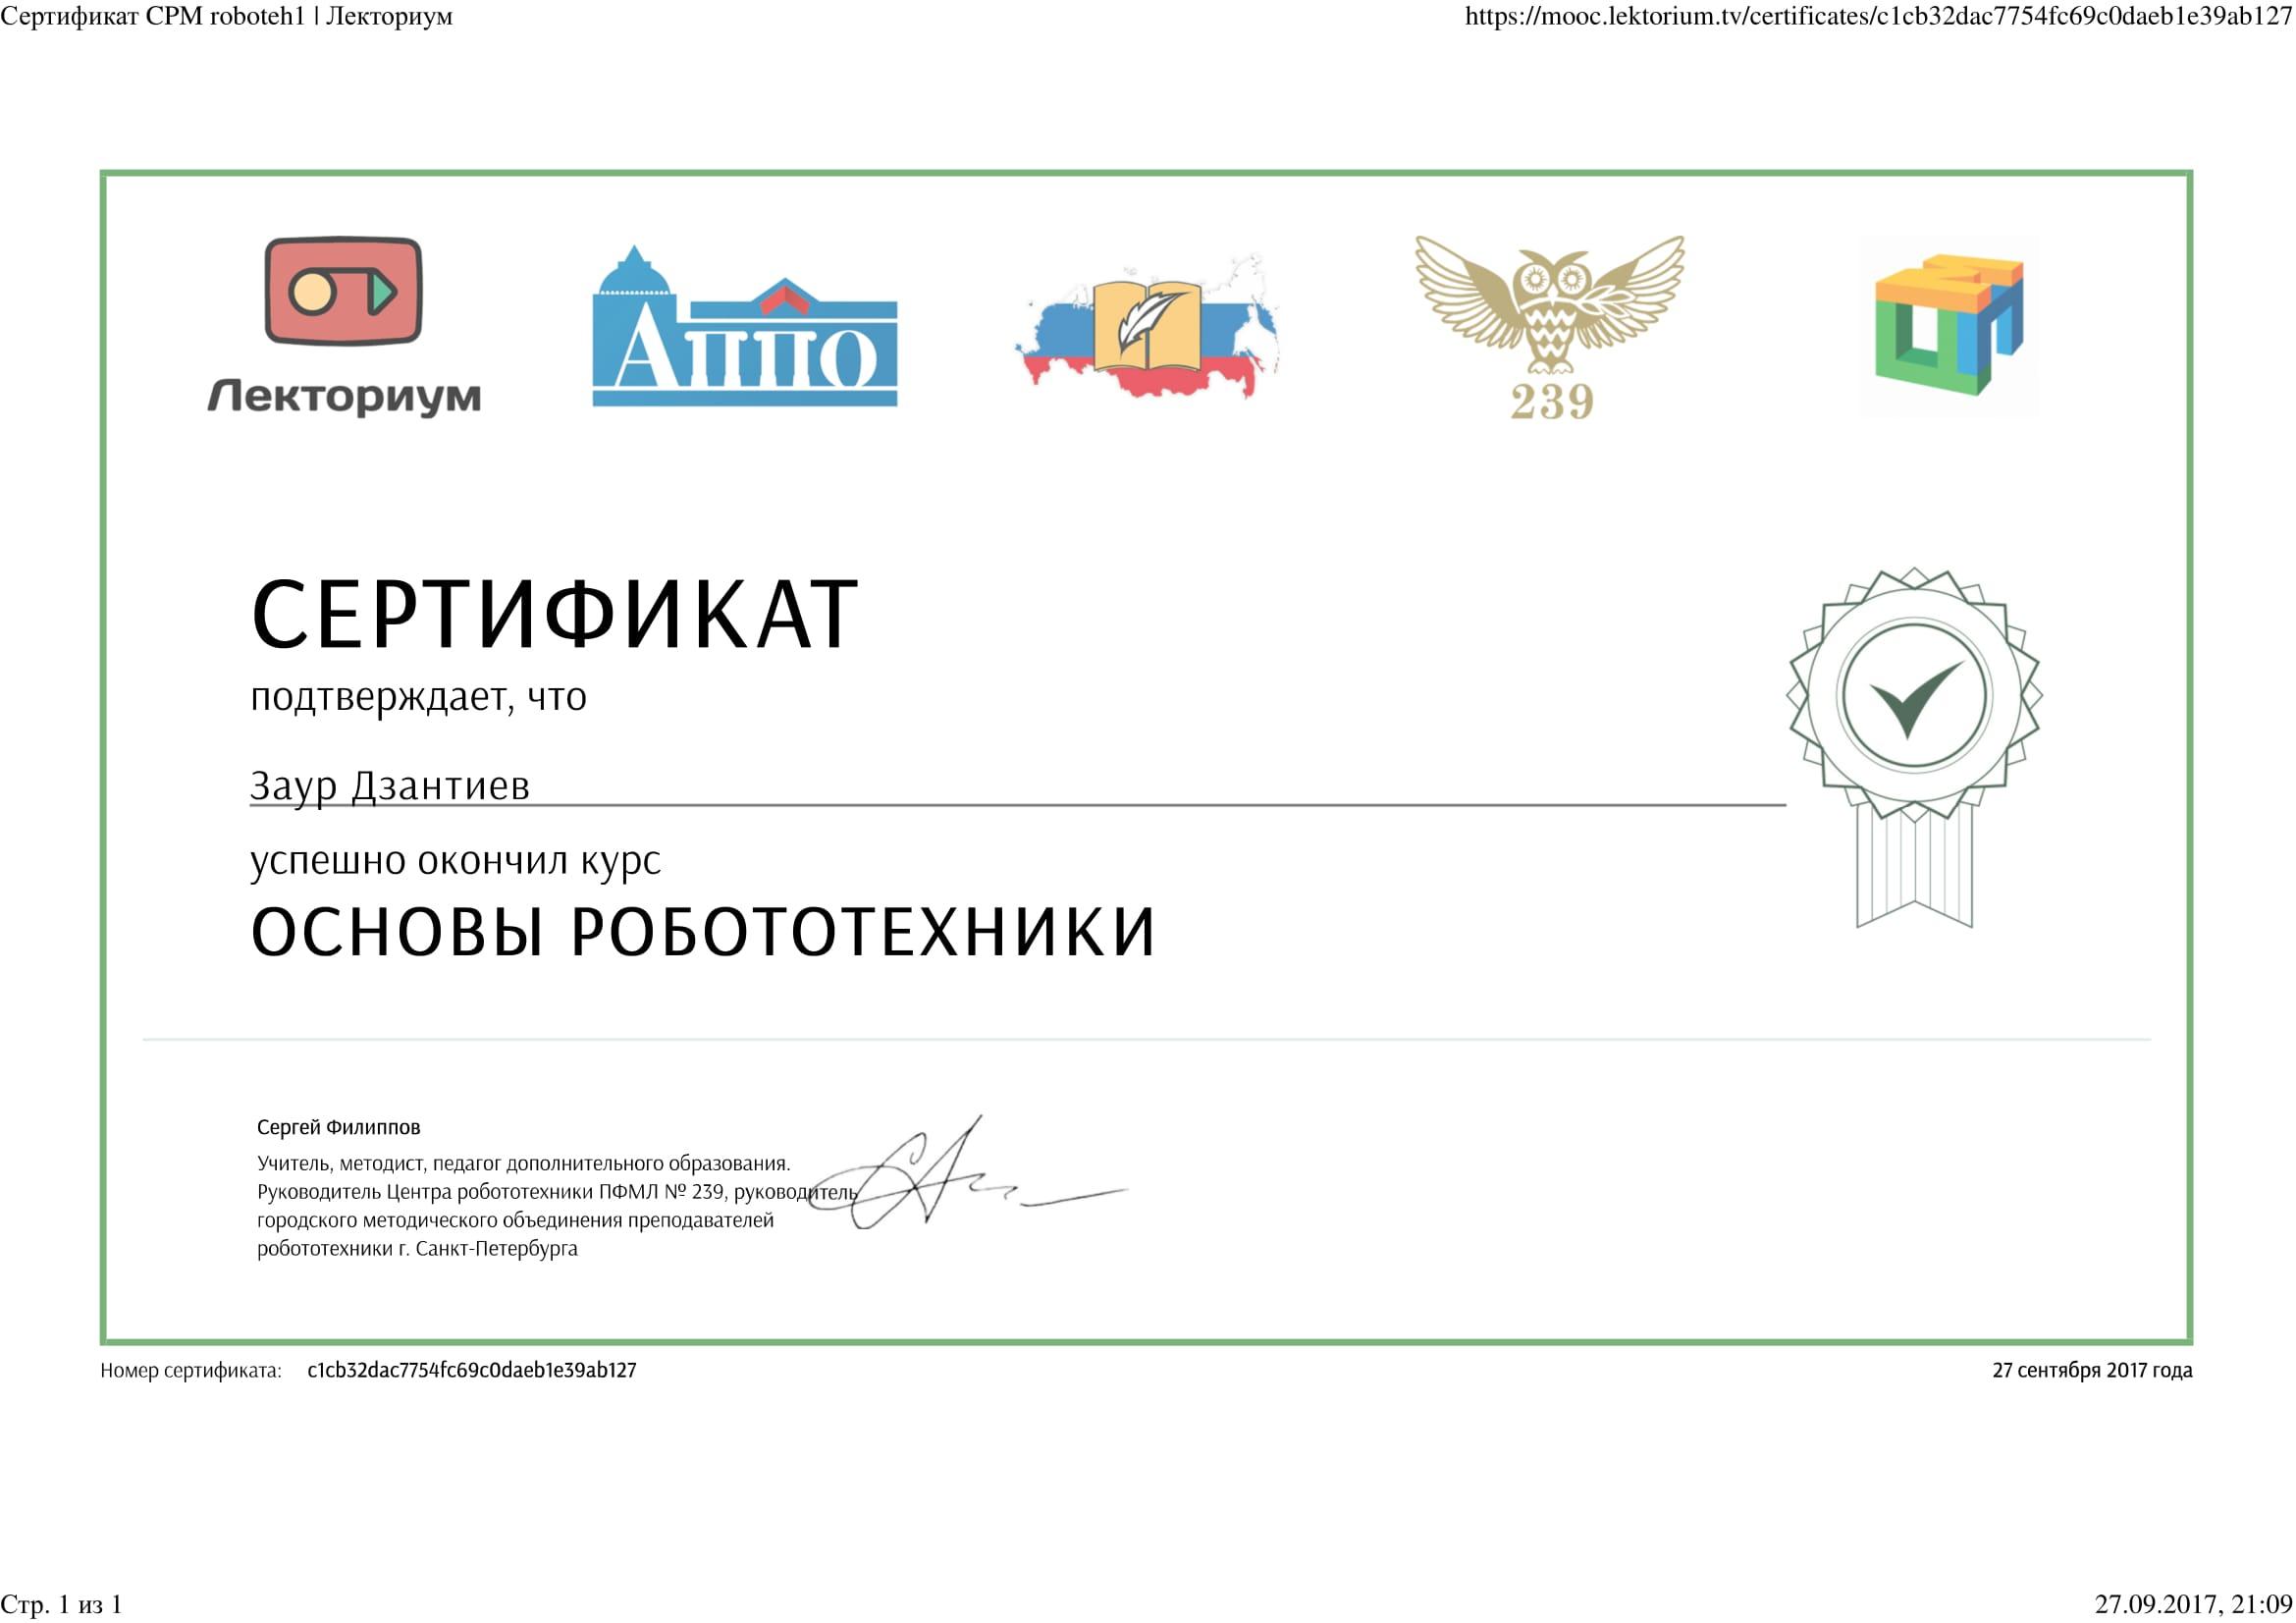 Сертификат_ Лекториум